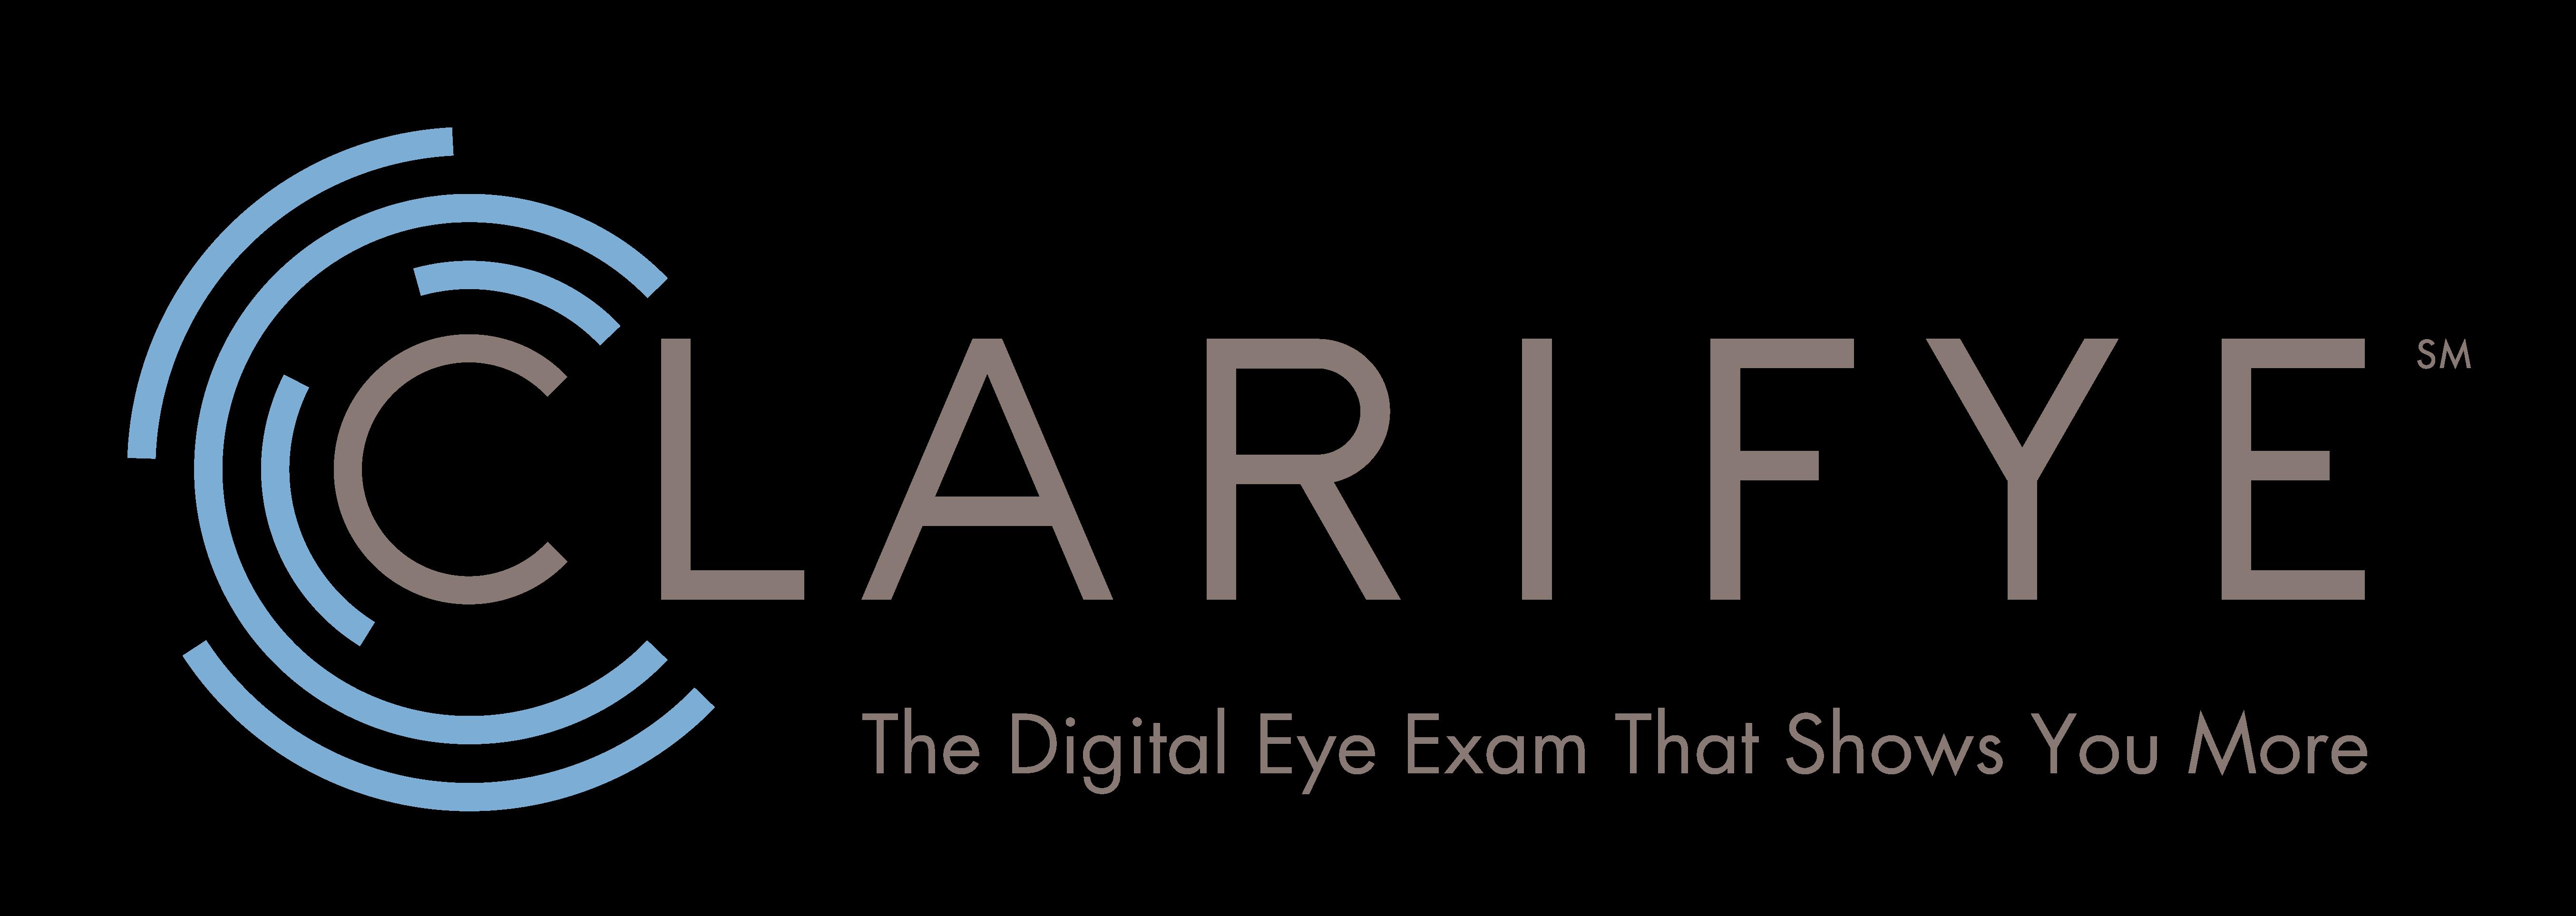 Eye doctor, Clarifye Eye Exam banner in Akron, OH